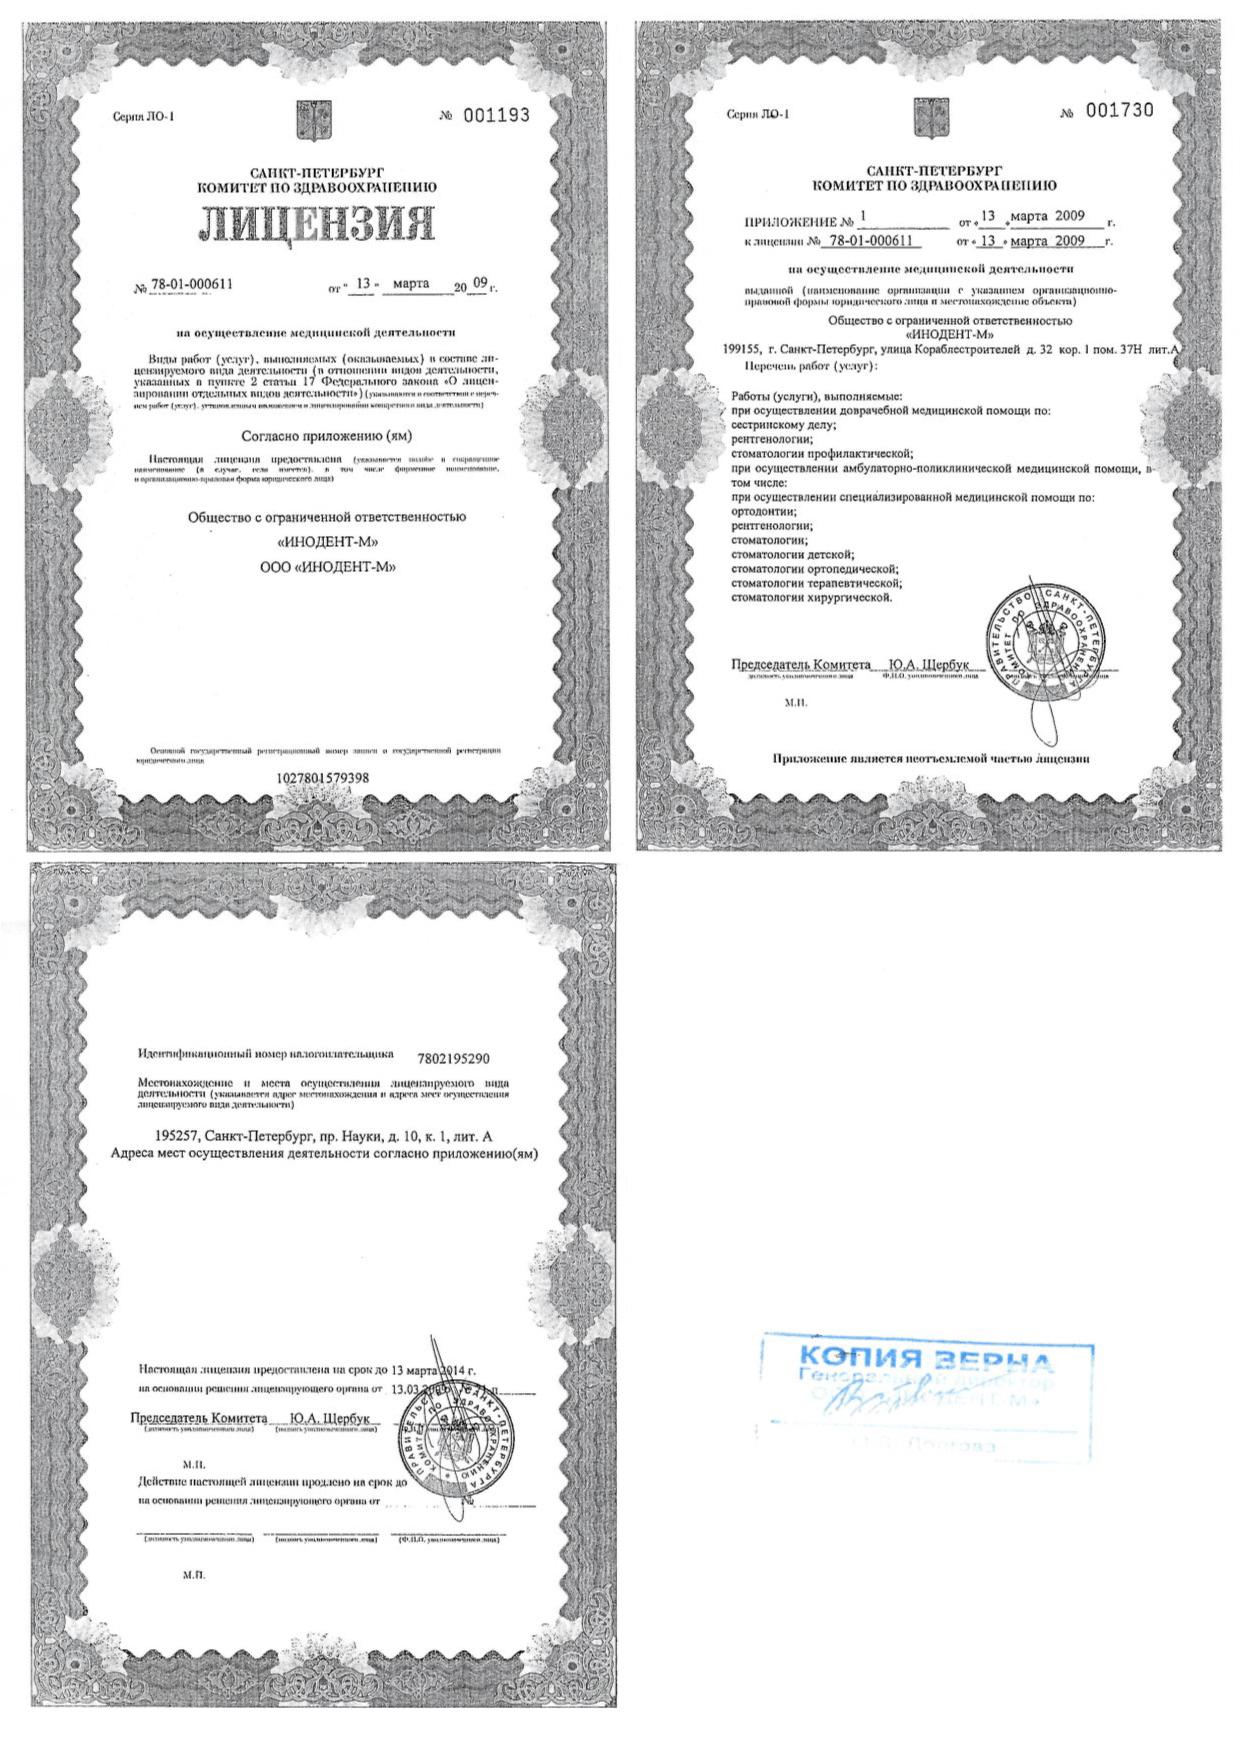 Заверенную копию лицензии попросите в клинике вместе со справкой